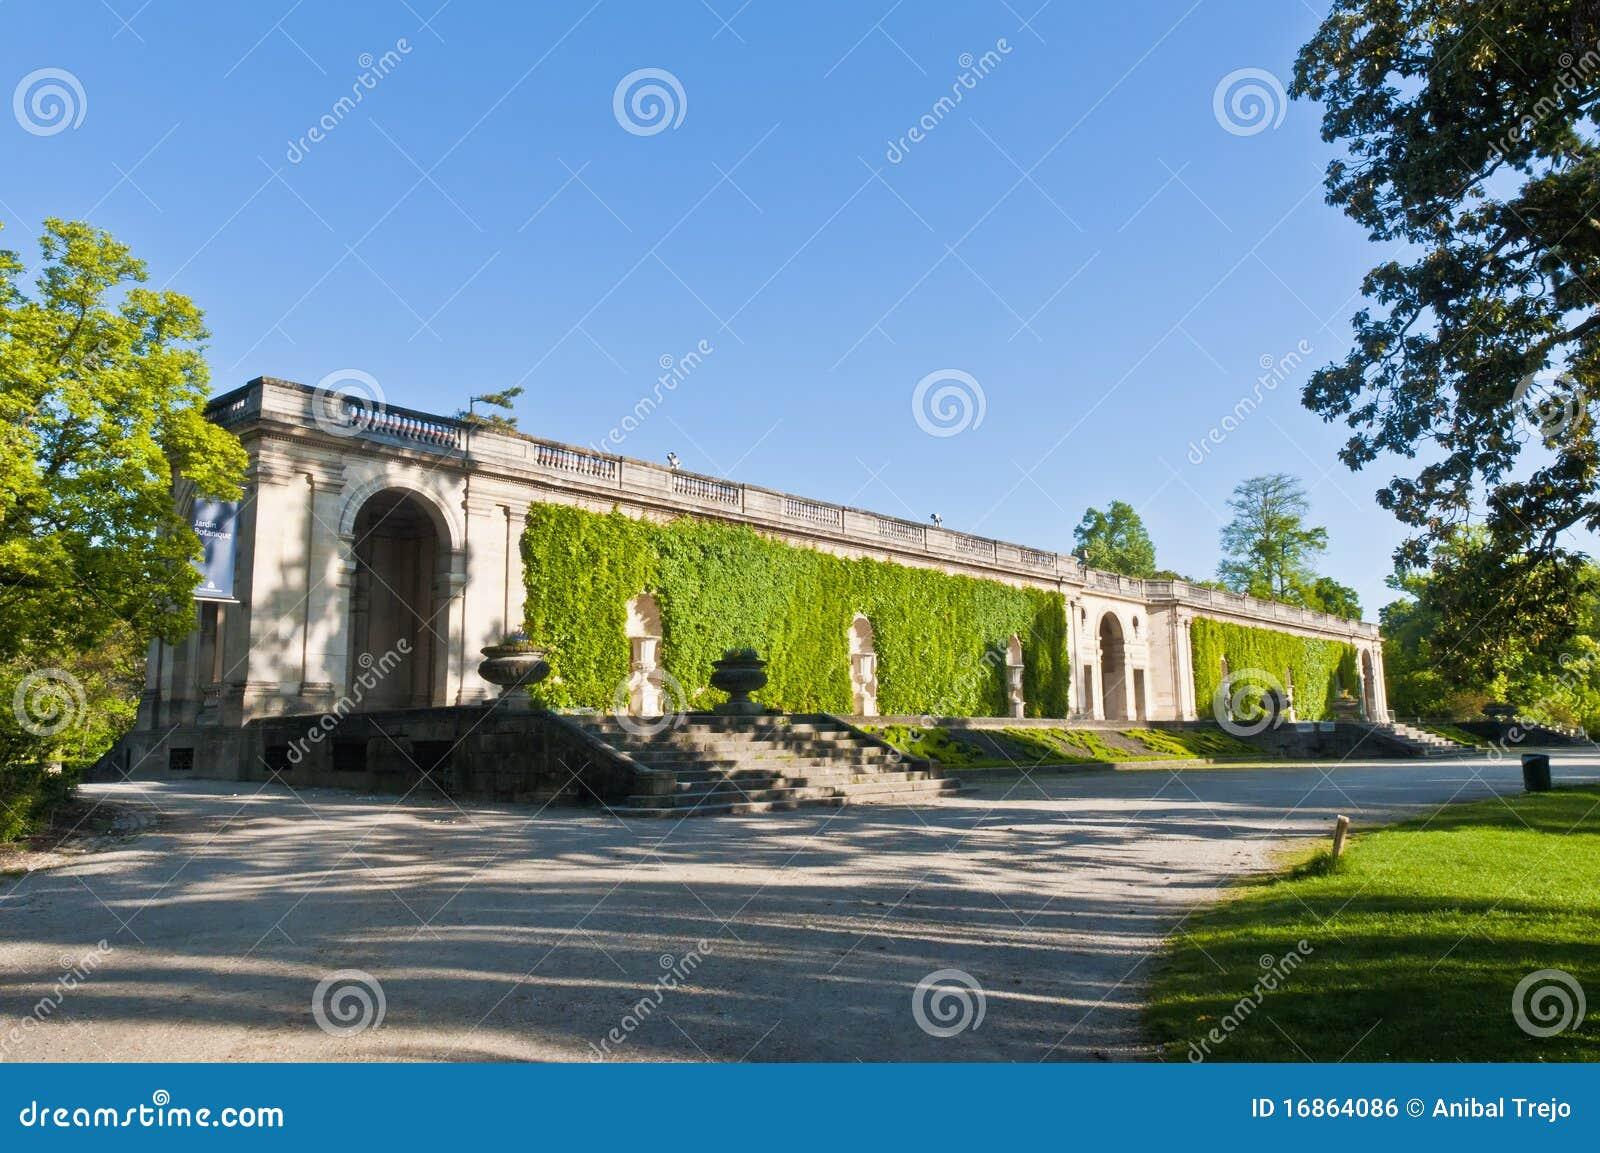 Jardin botanique at bordeaux france royalty free stock for Jardin botanique bordeaux